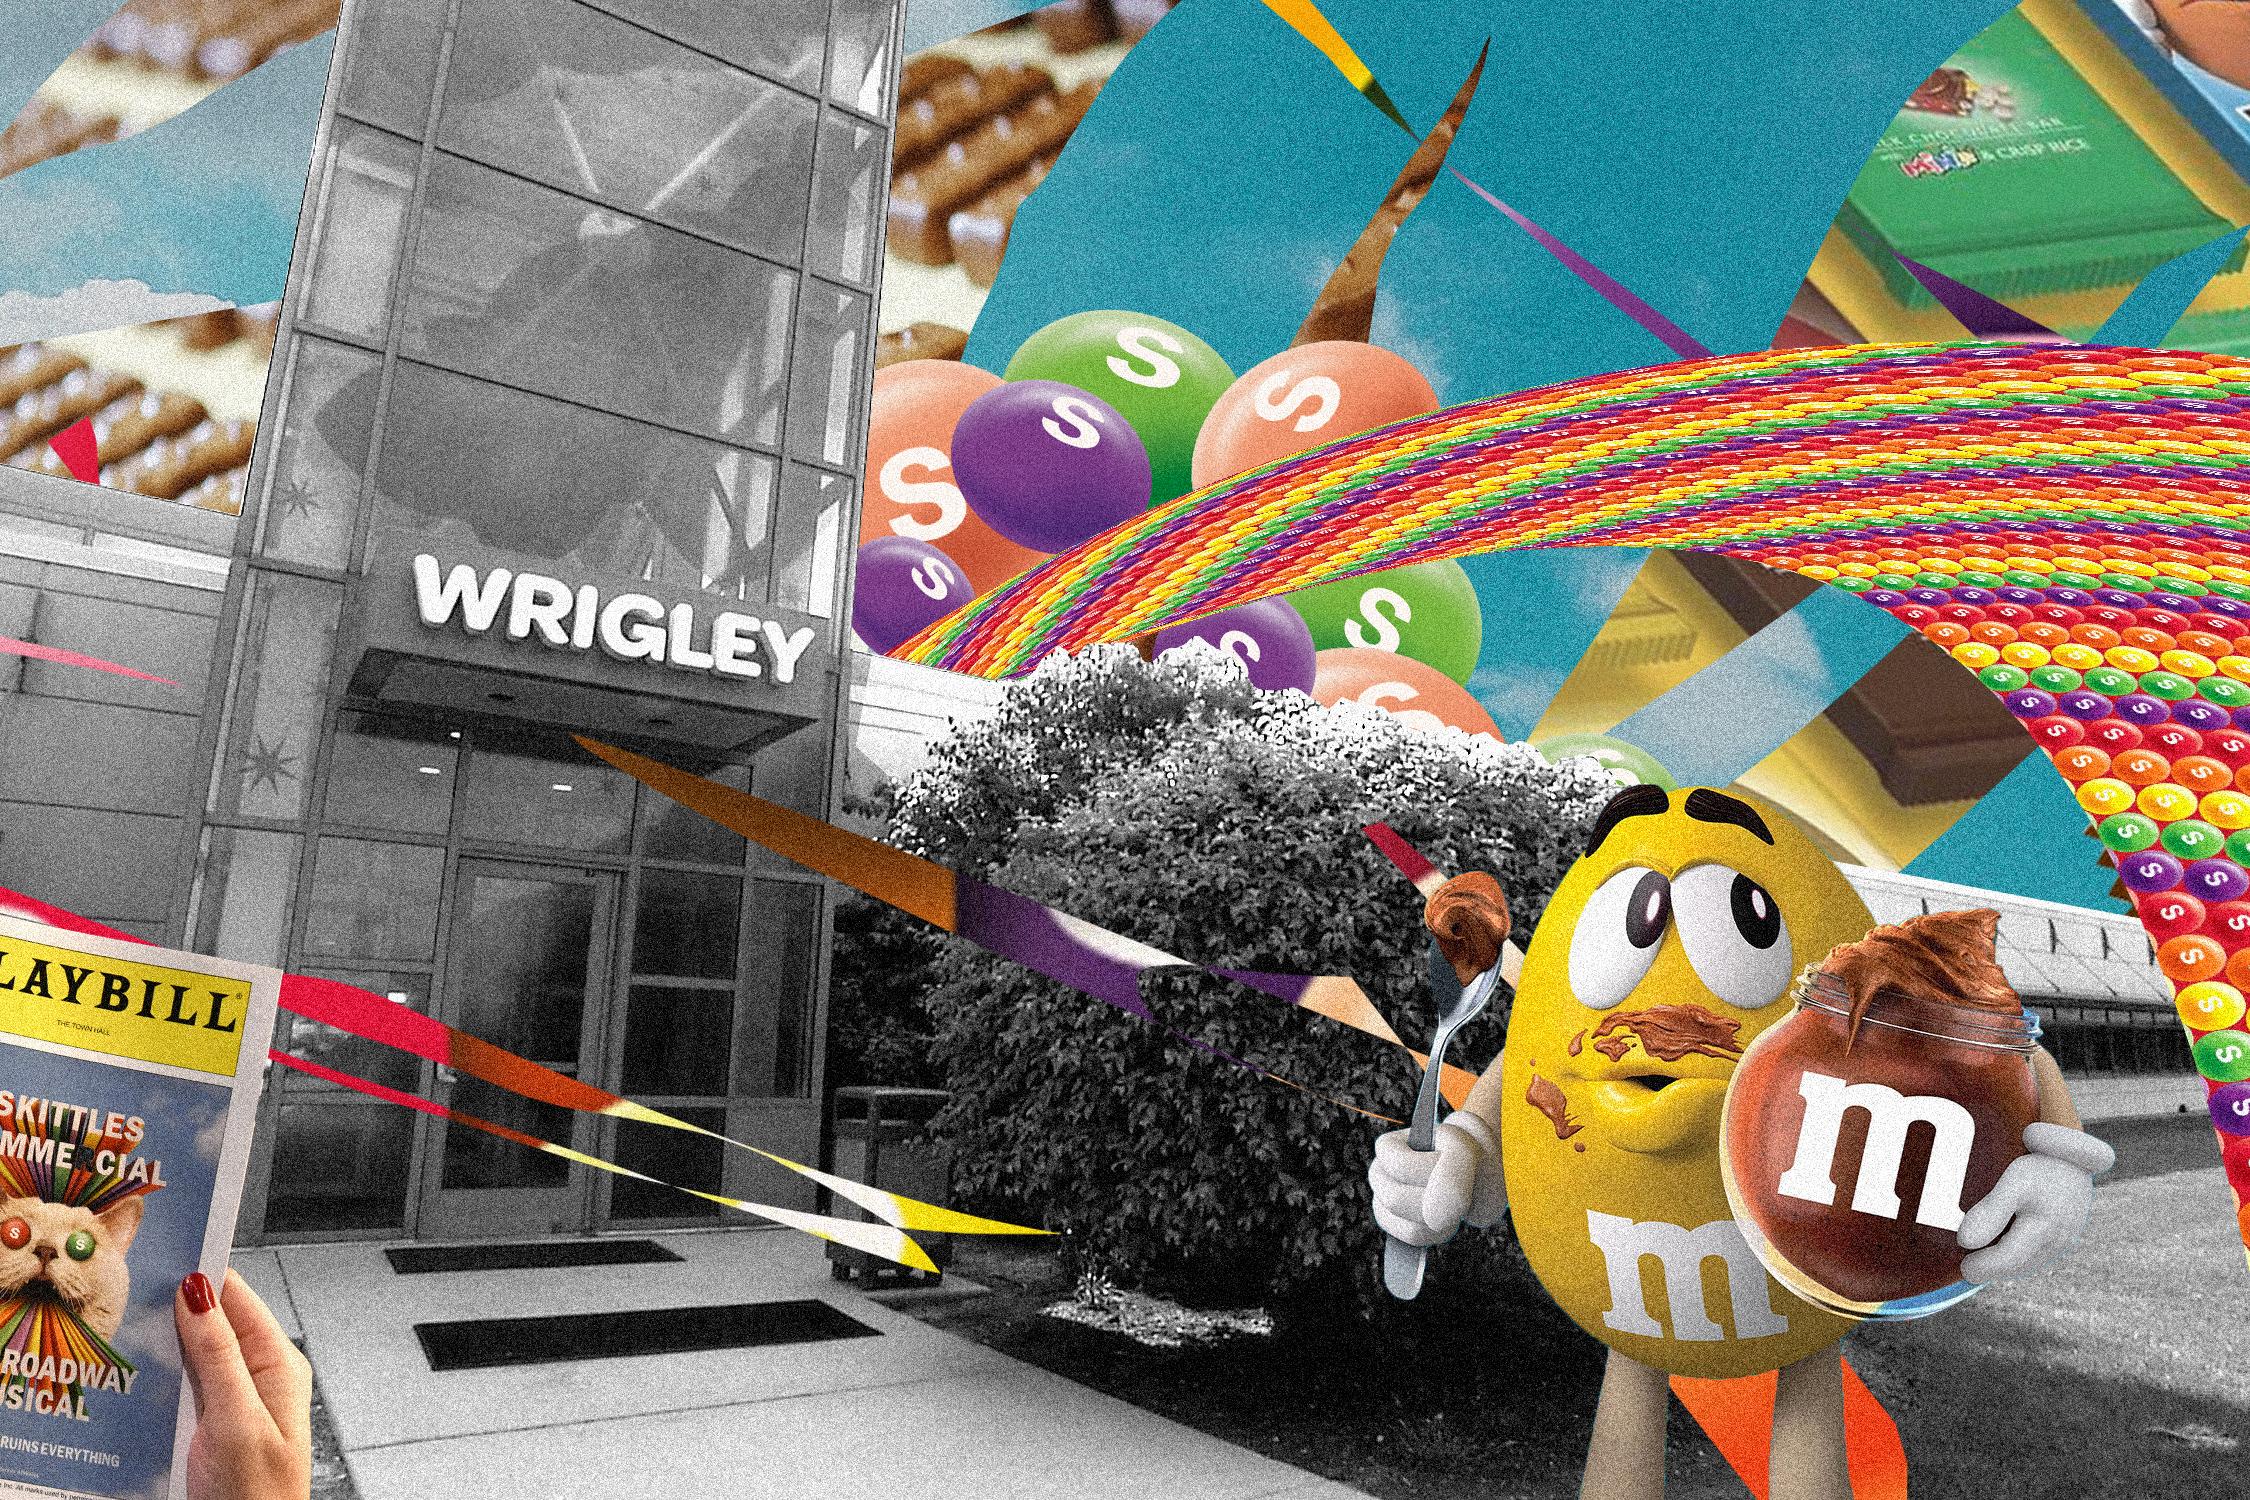 Mars Wrigley Innovation Center